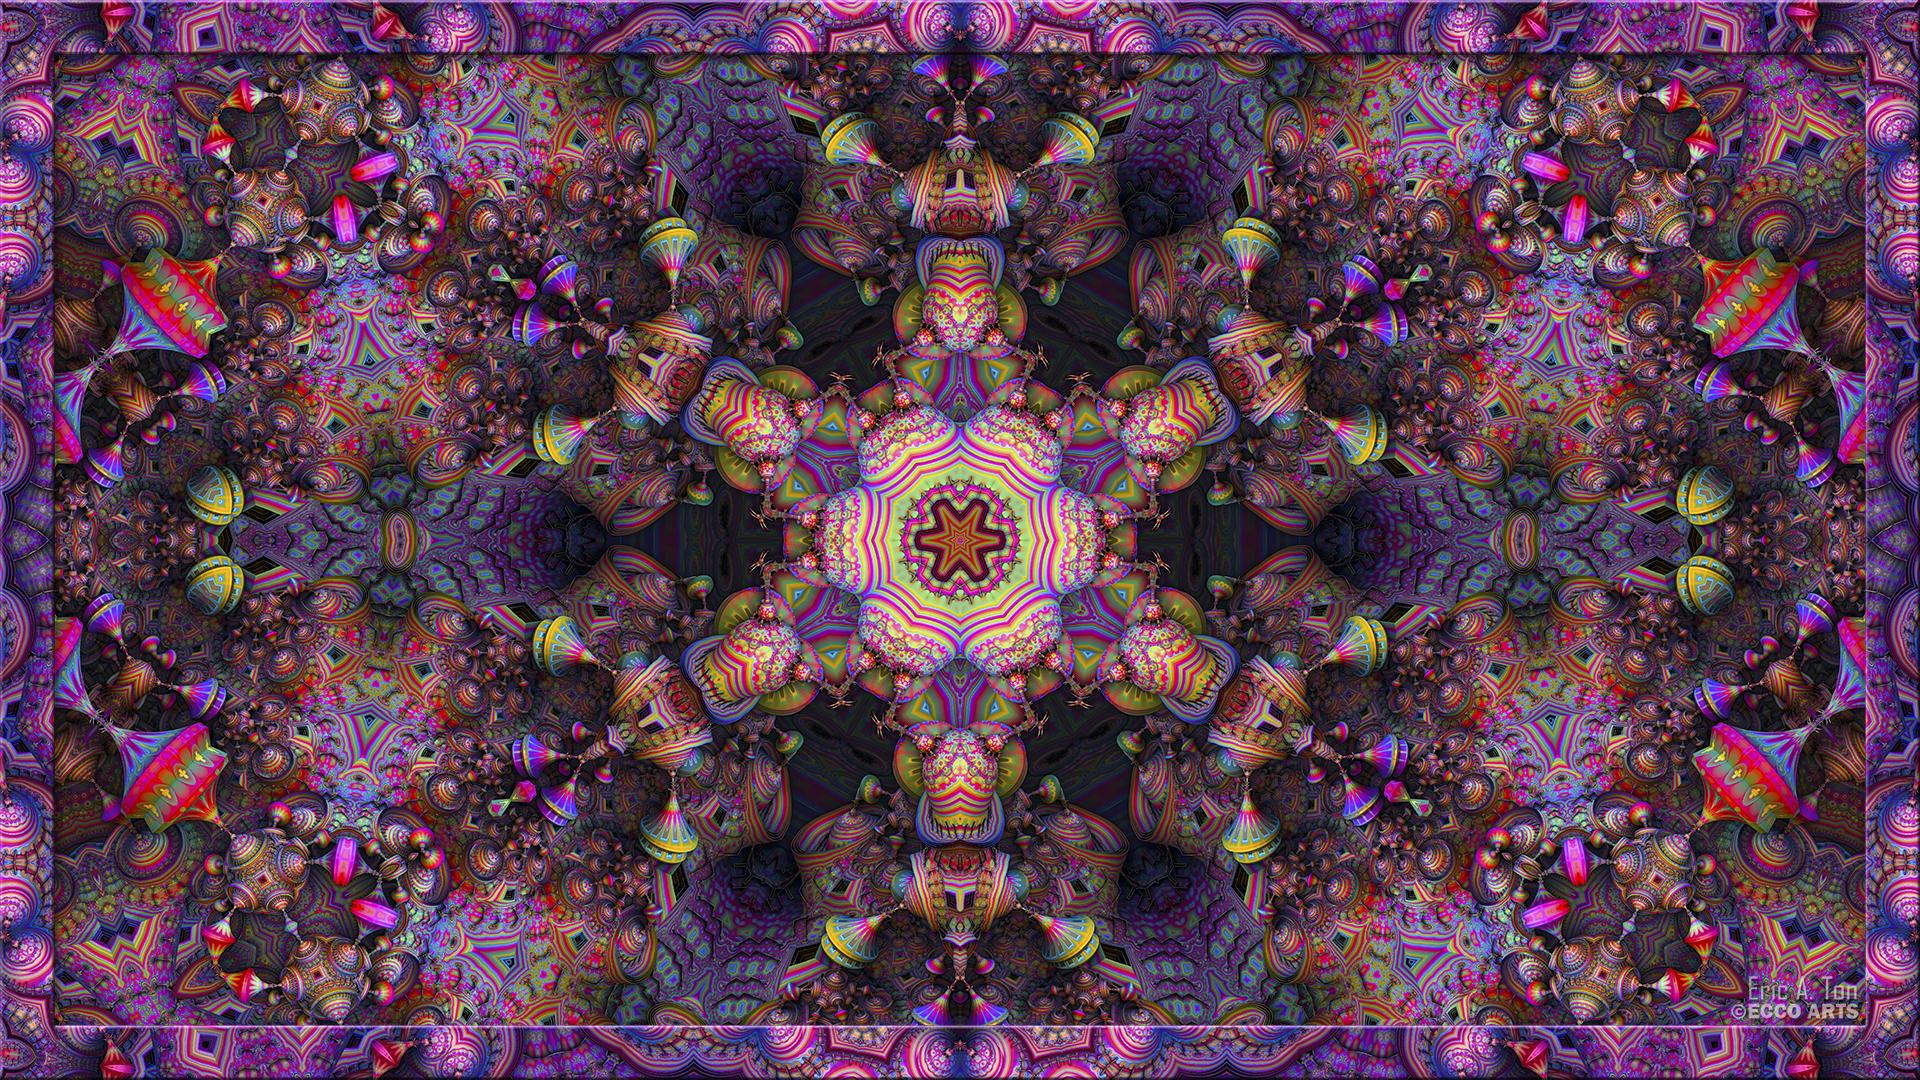 Purple Beats by eccoarts